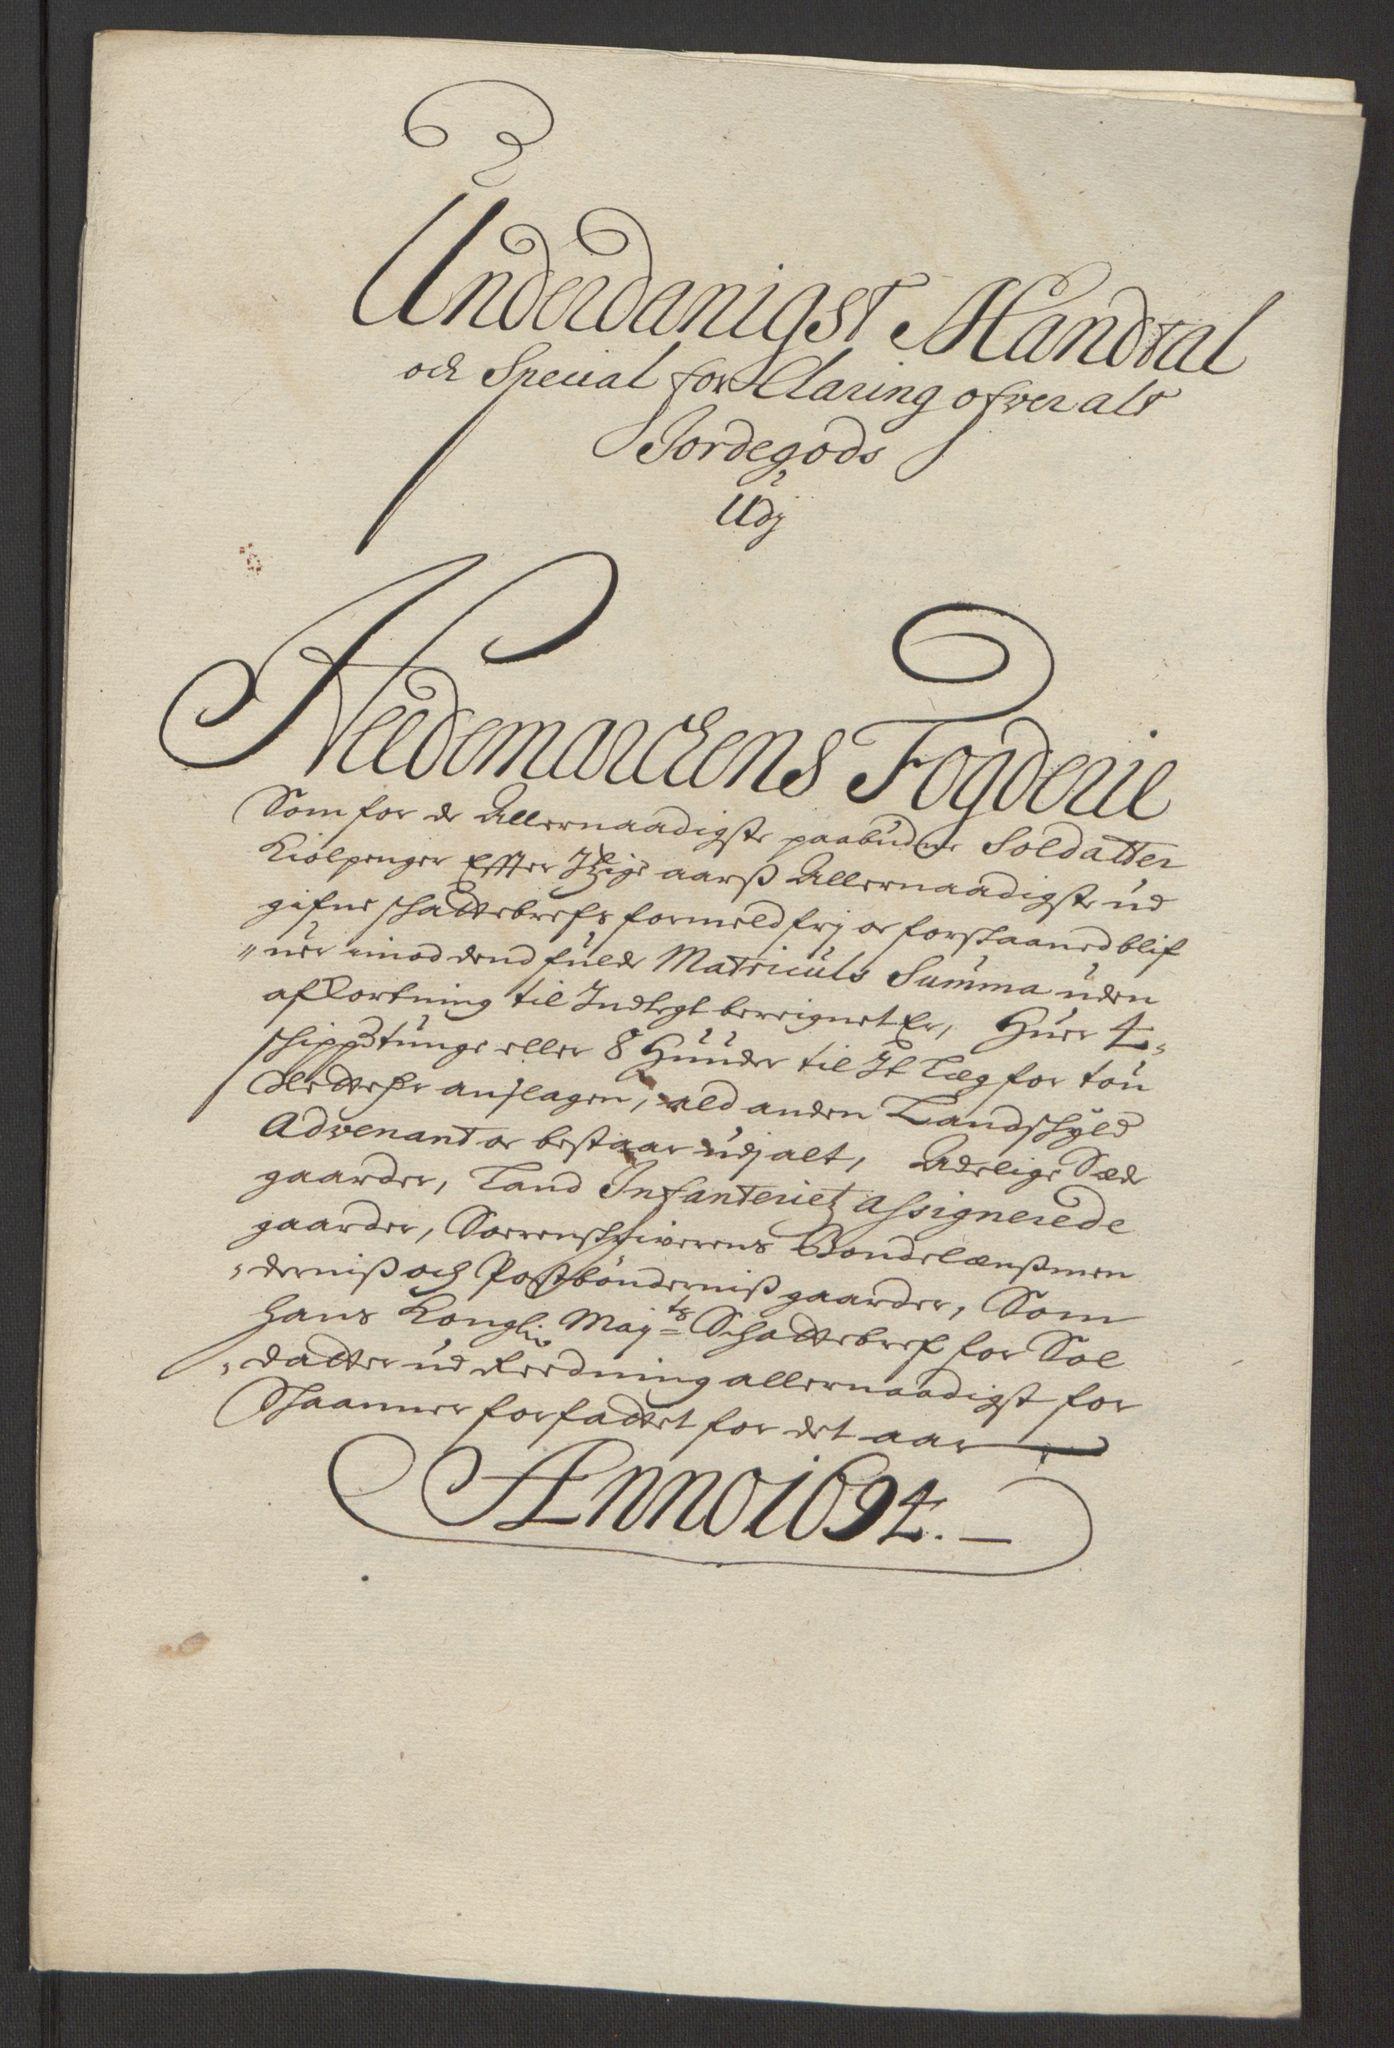 RA, Rentekammeret inntil 1814, Reviderte regnskaper, Fogderegnskap, R16/L1035: Fogderegnskap Hedmark, 1694, s. 191